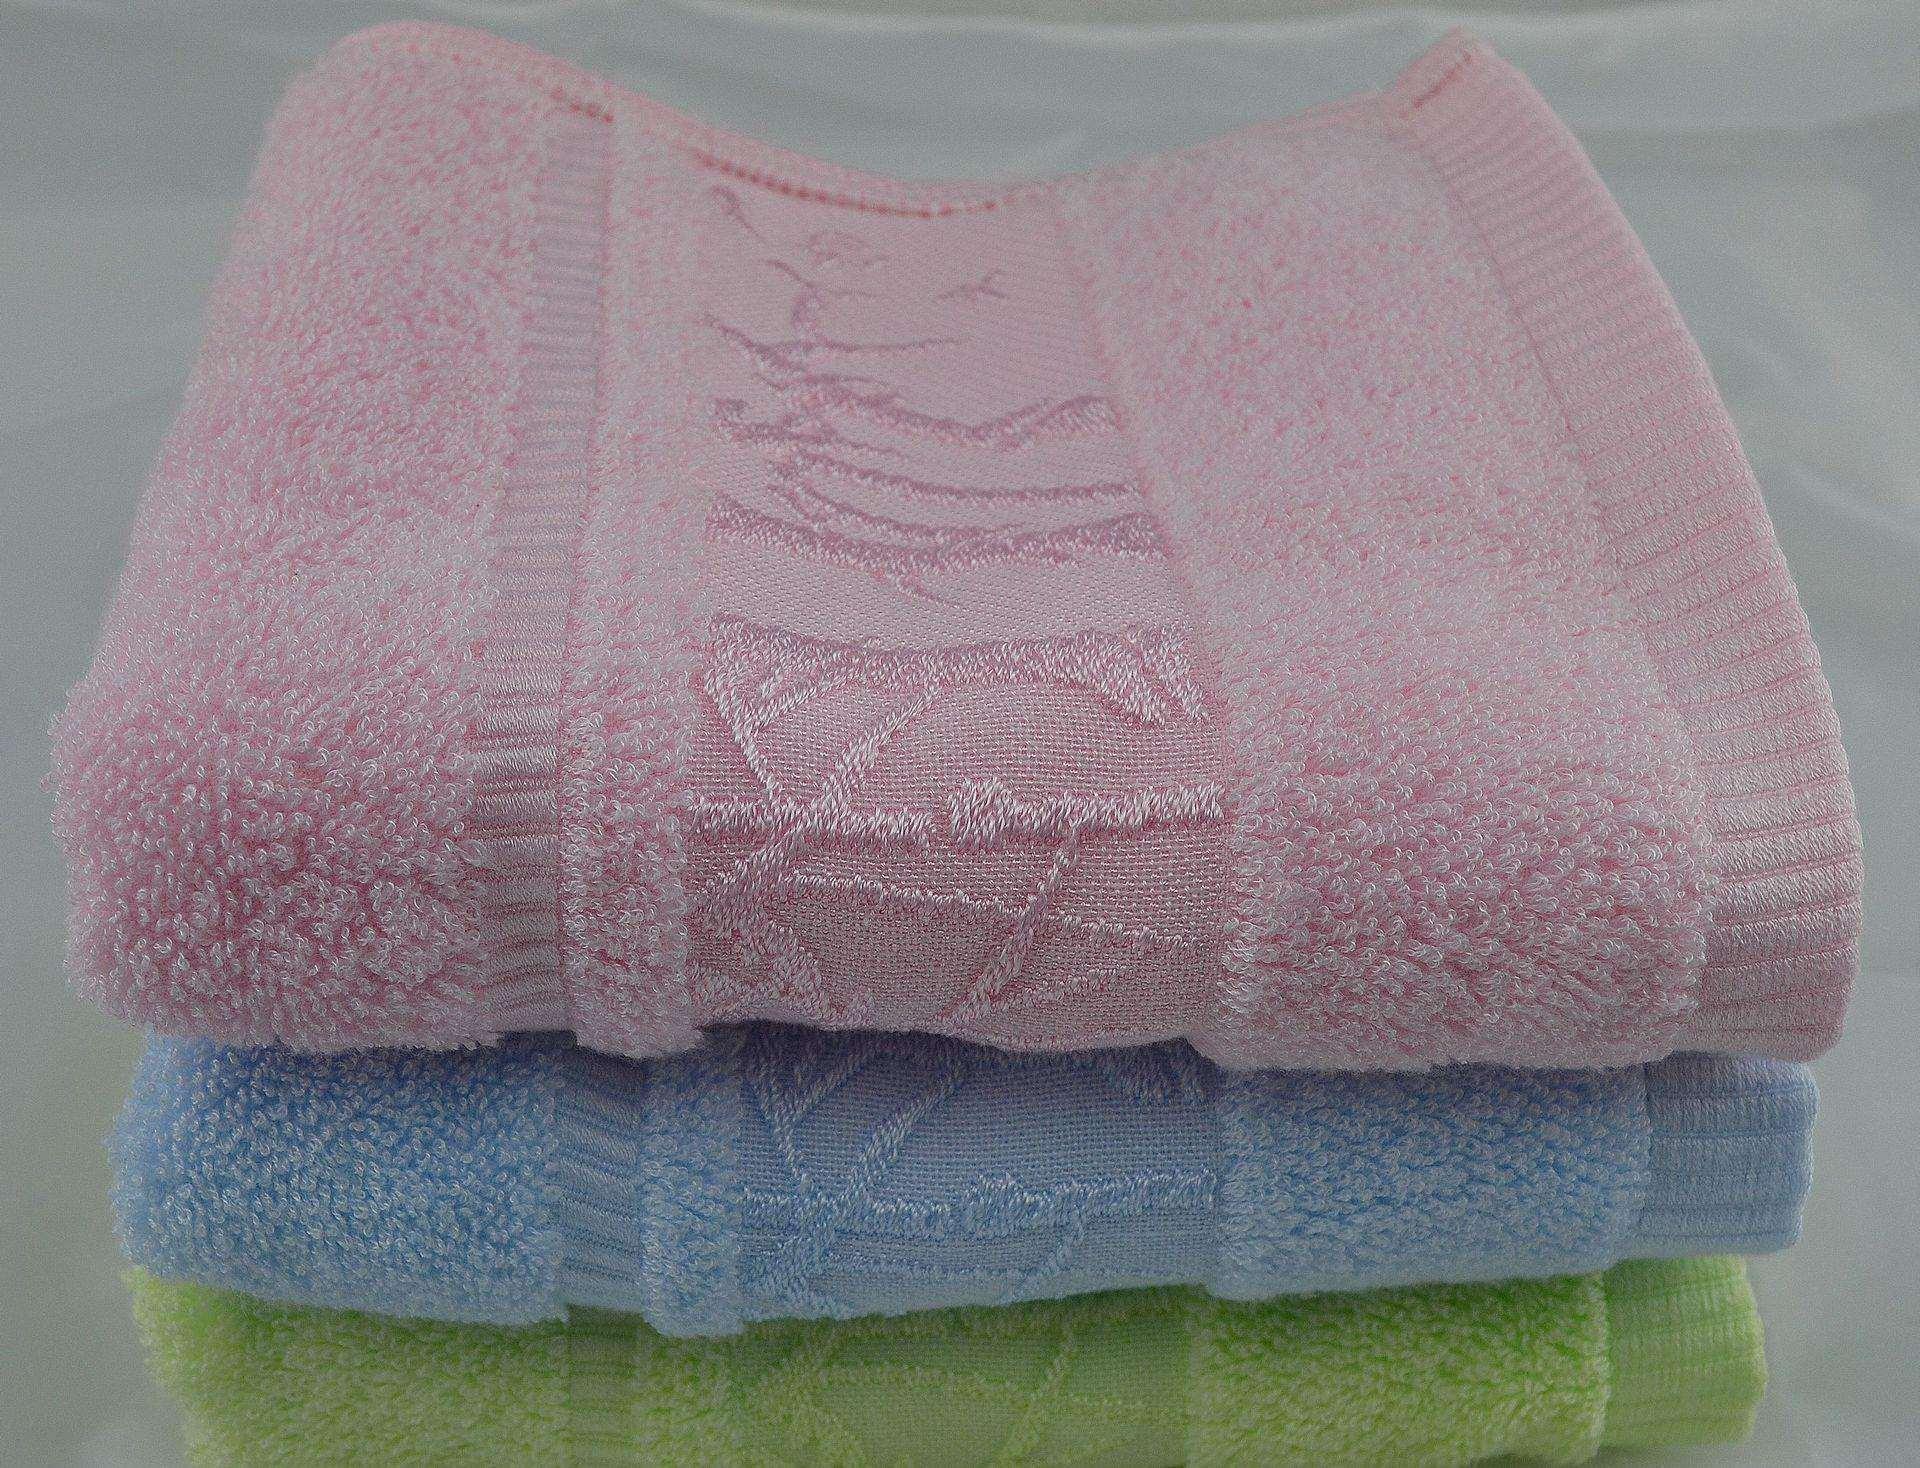 Towel-26